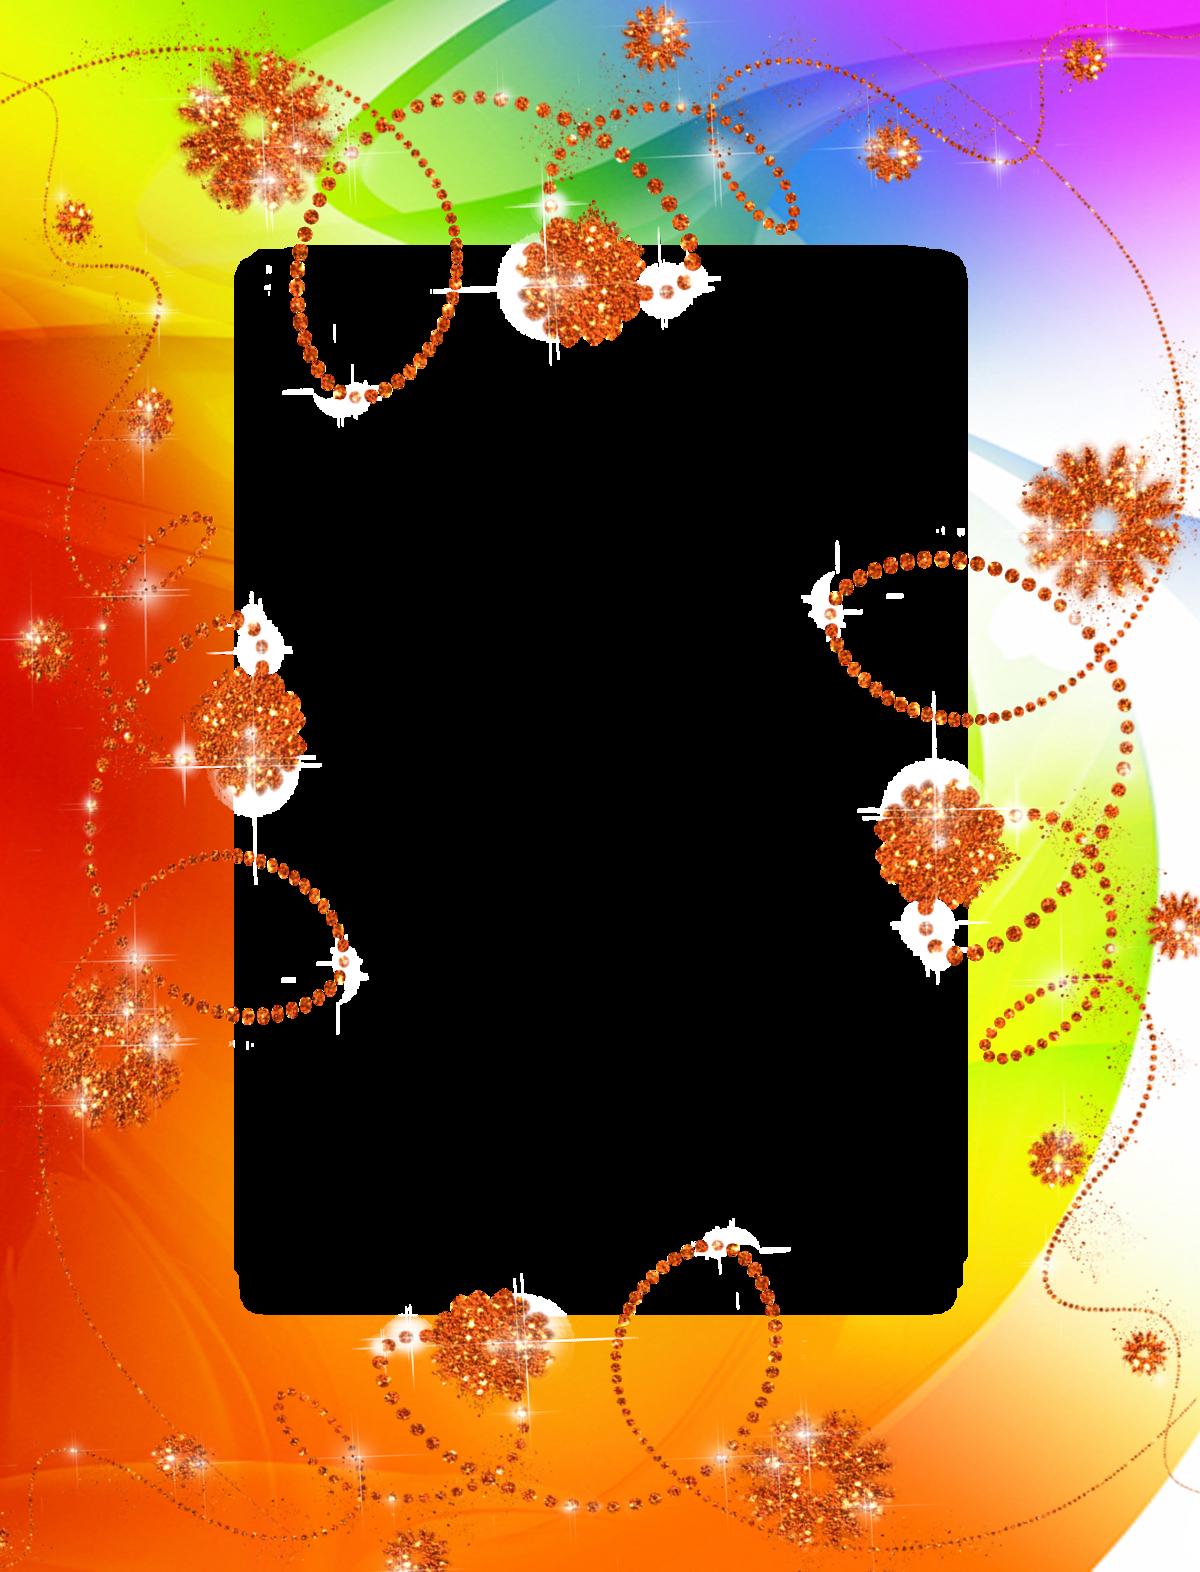 Рисунок льва, красивые рамки для оформления текста в ворде готовые образцы